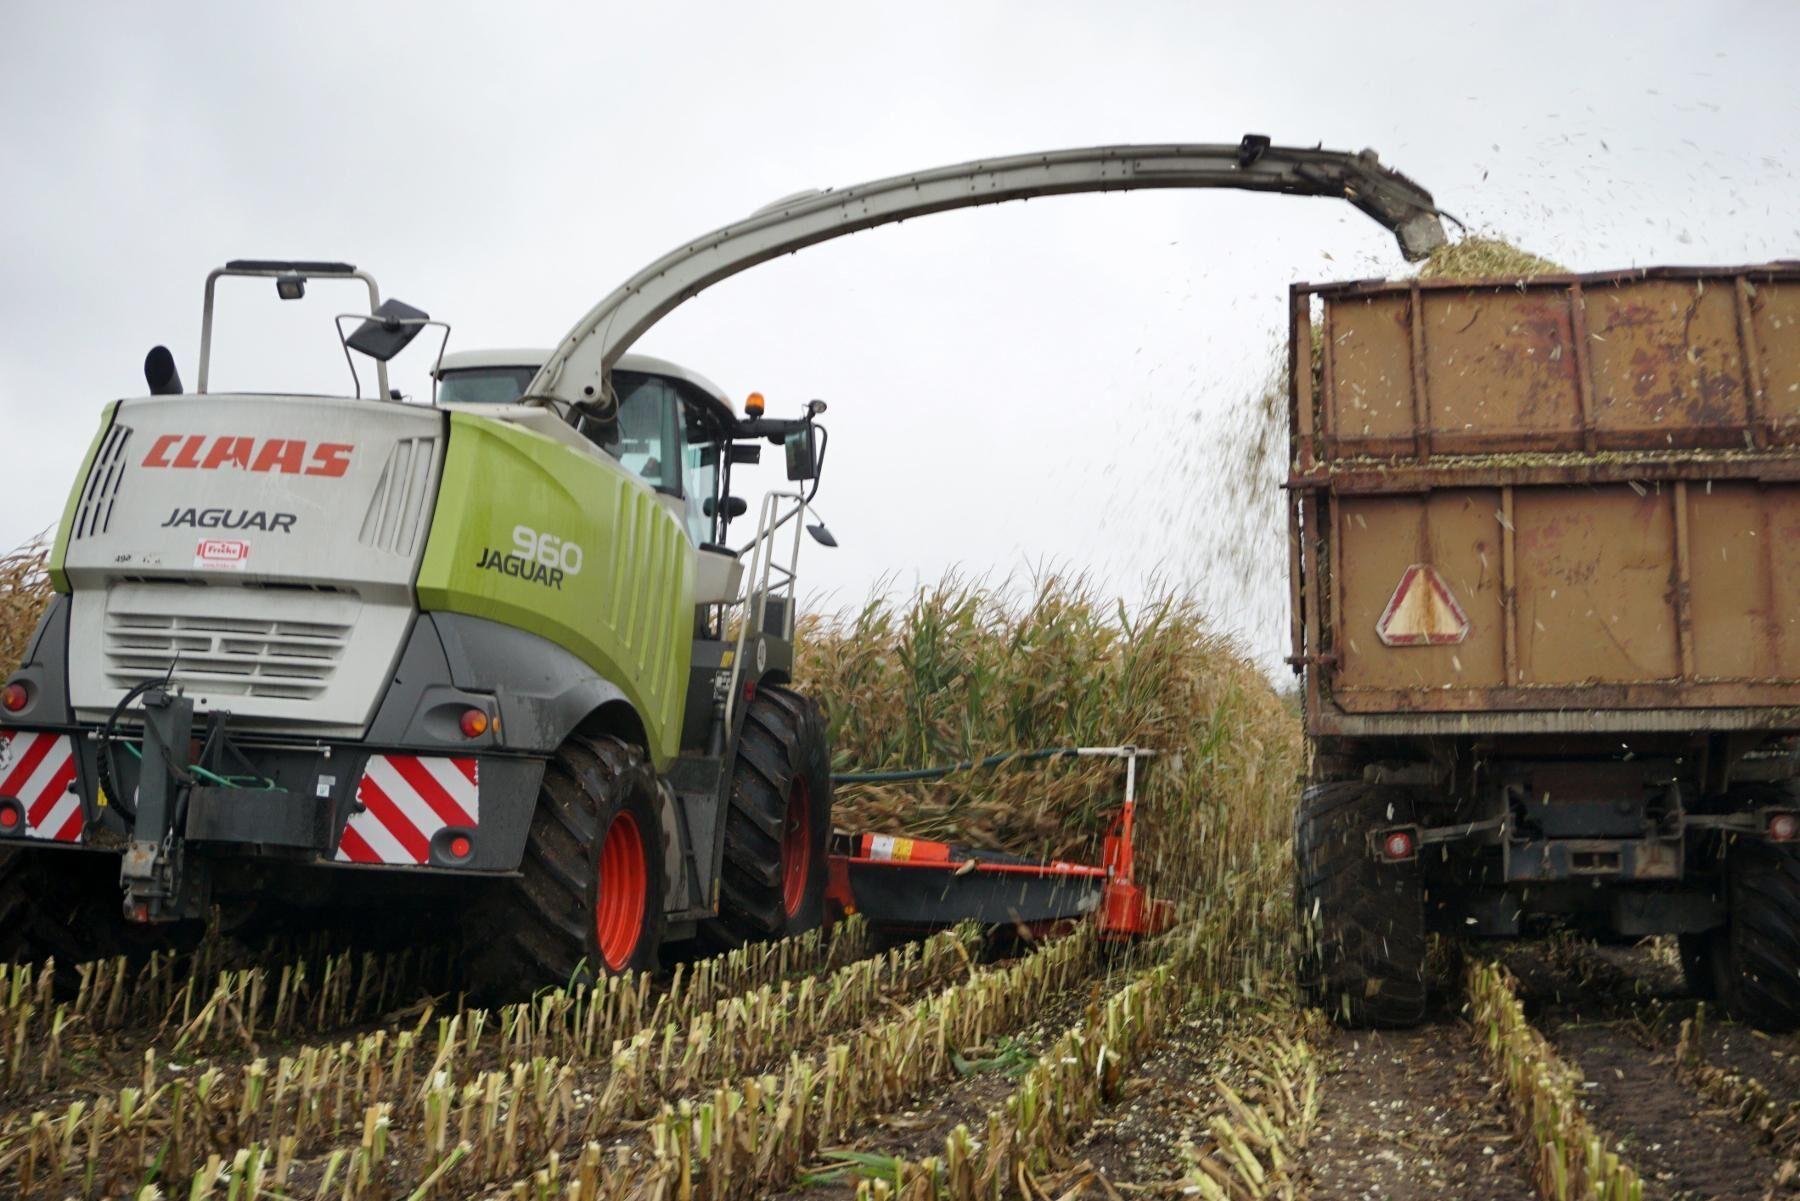 Det dolda stålröret i majsfältet orsakade skador för 370 000 danska kronor. Maskinen på bilden har inget samband med händelserna i artikeln.